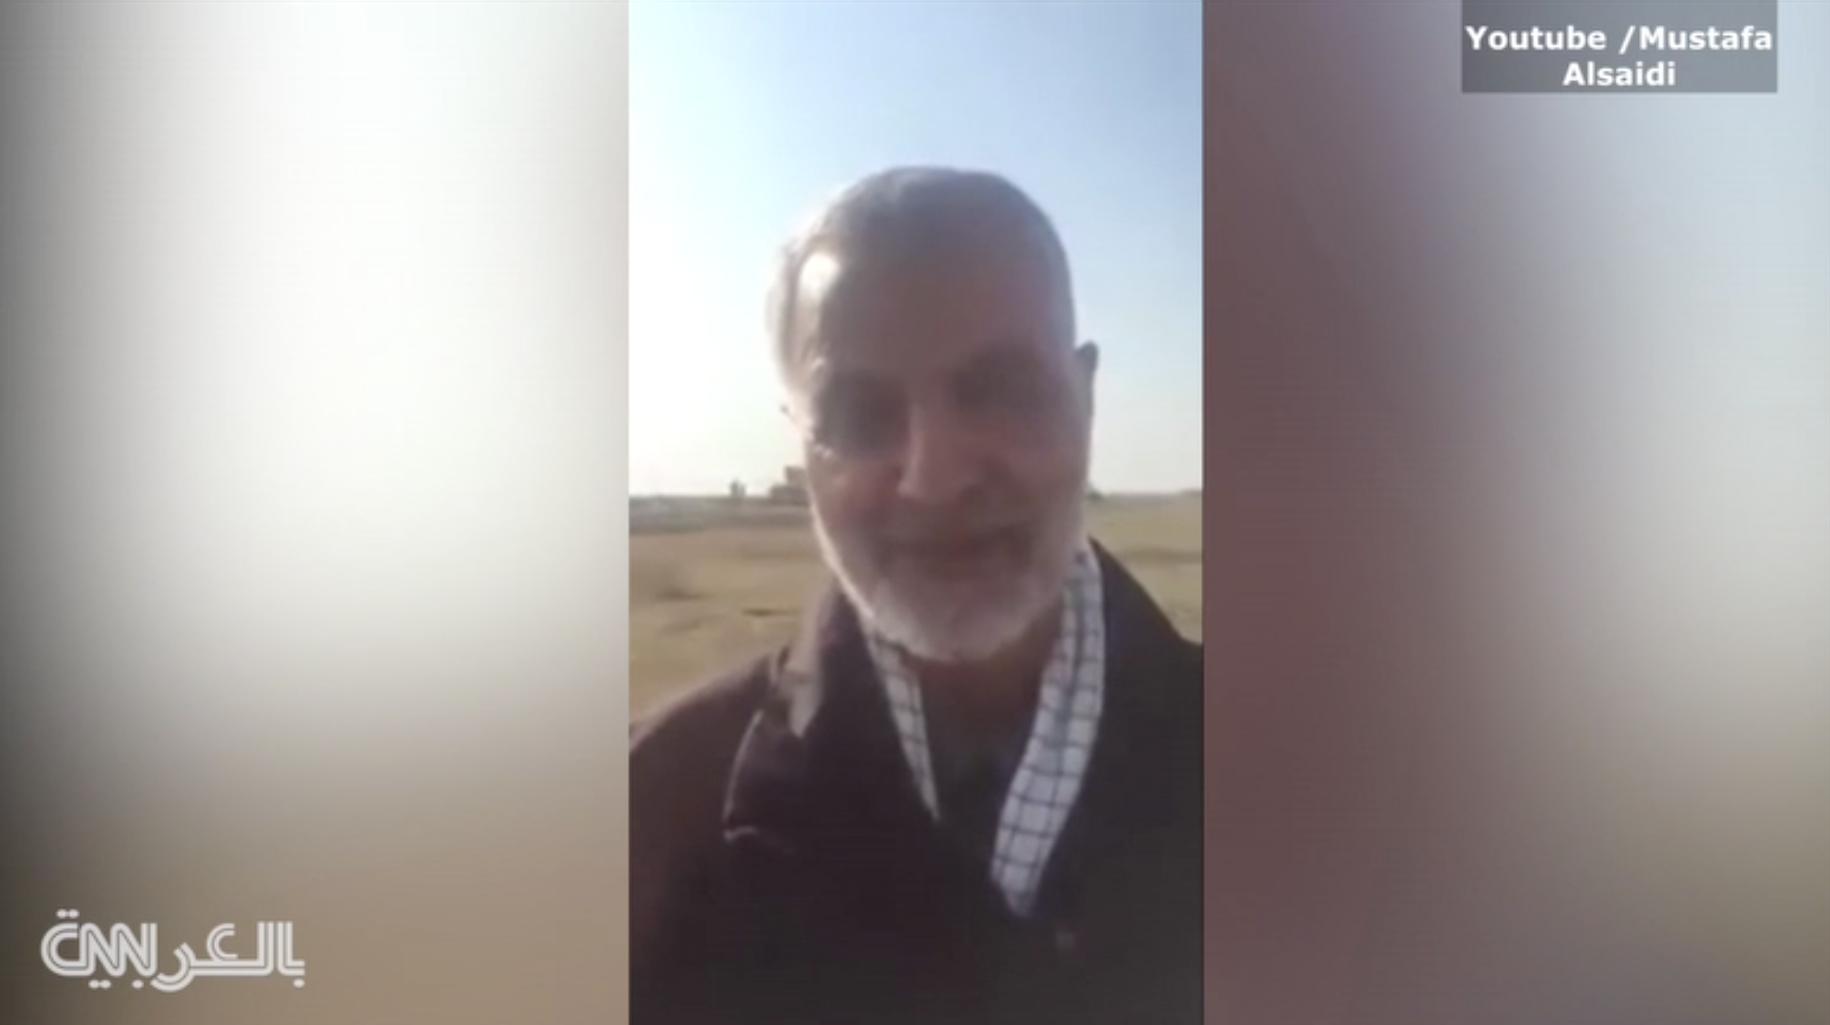 فيديو للجنرال الإيراني سليماني .. رسالة من العراق إلى عائلته